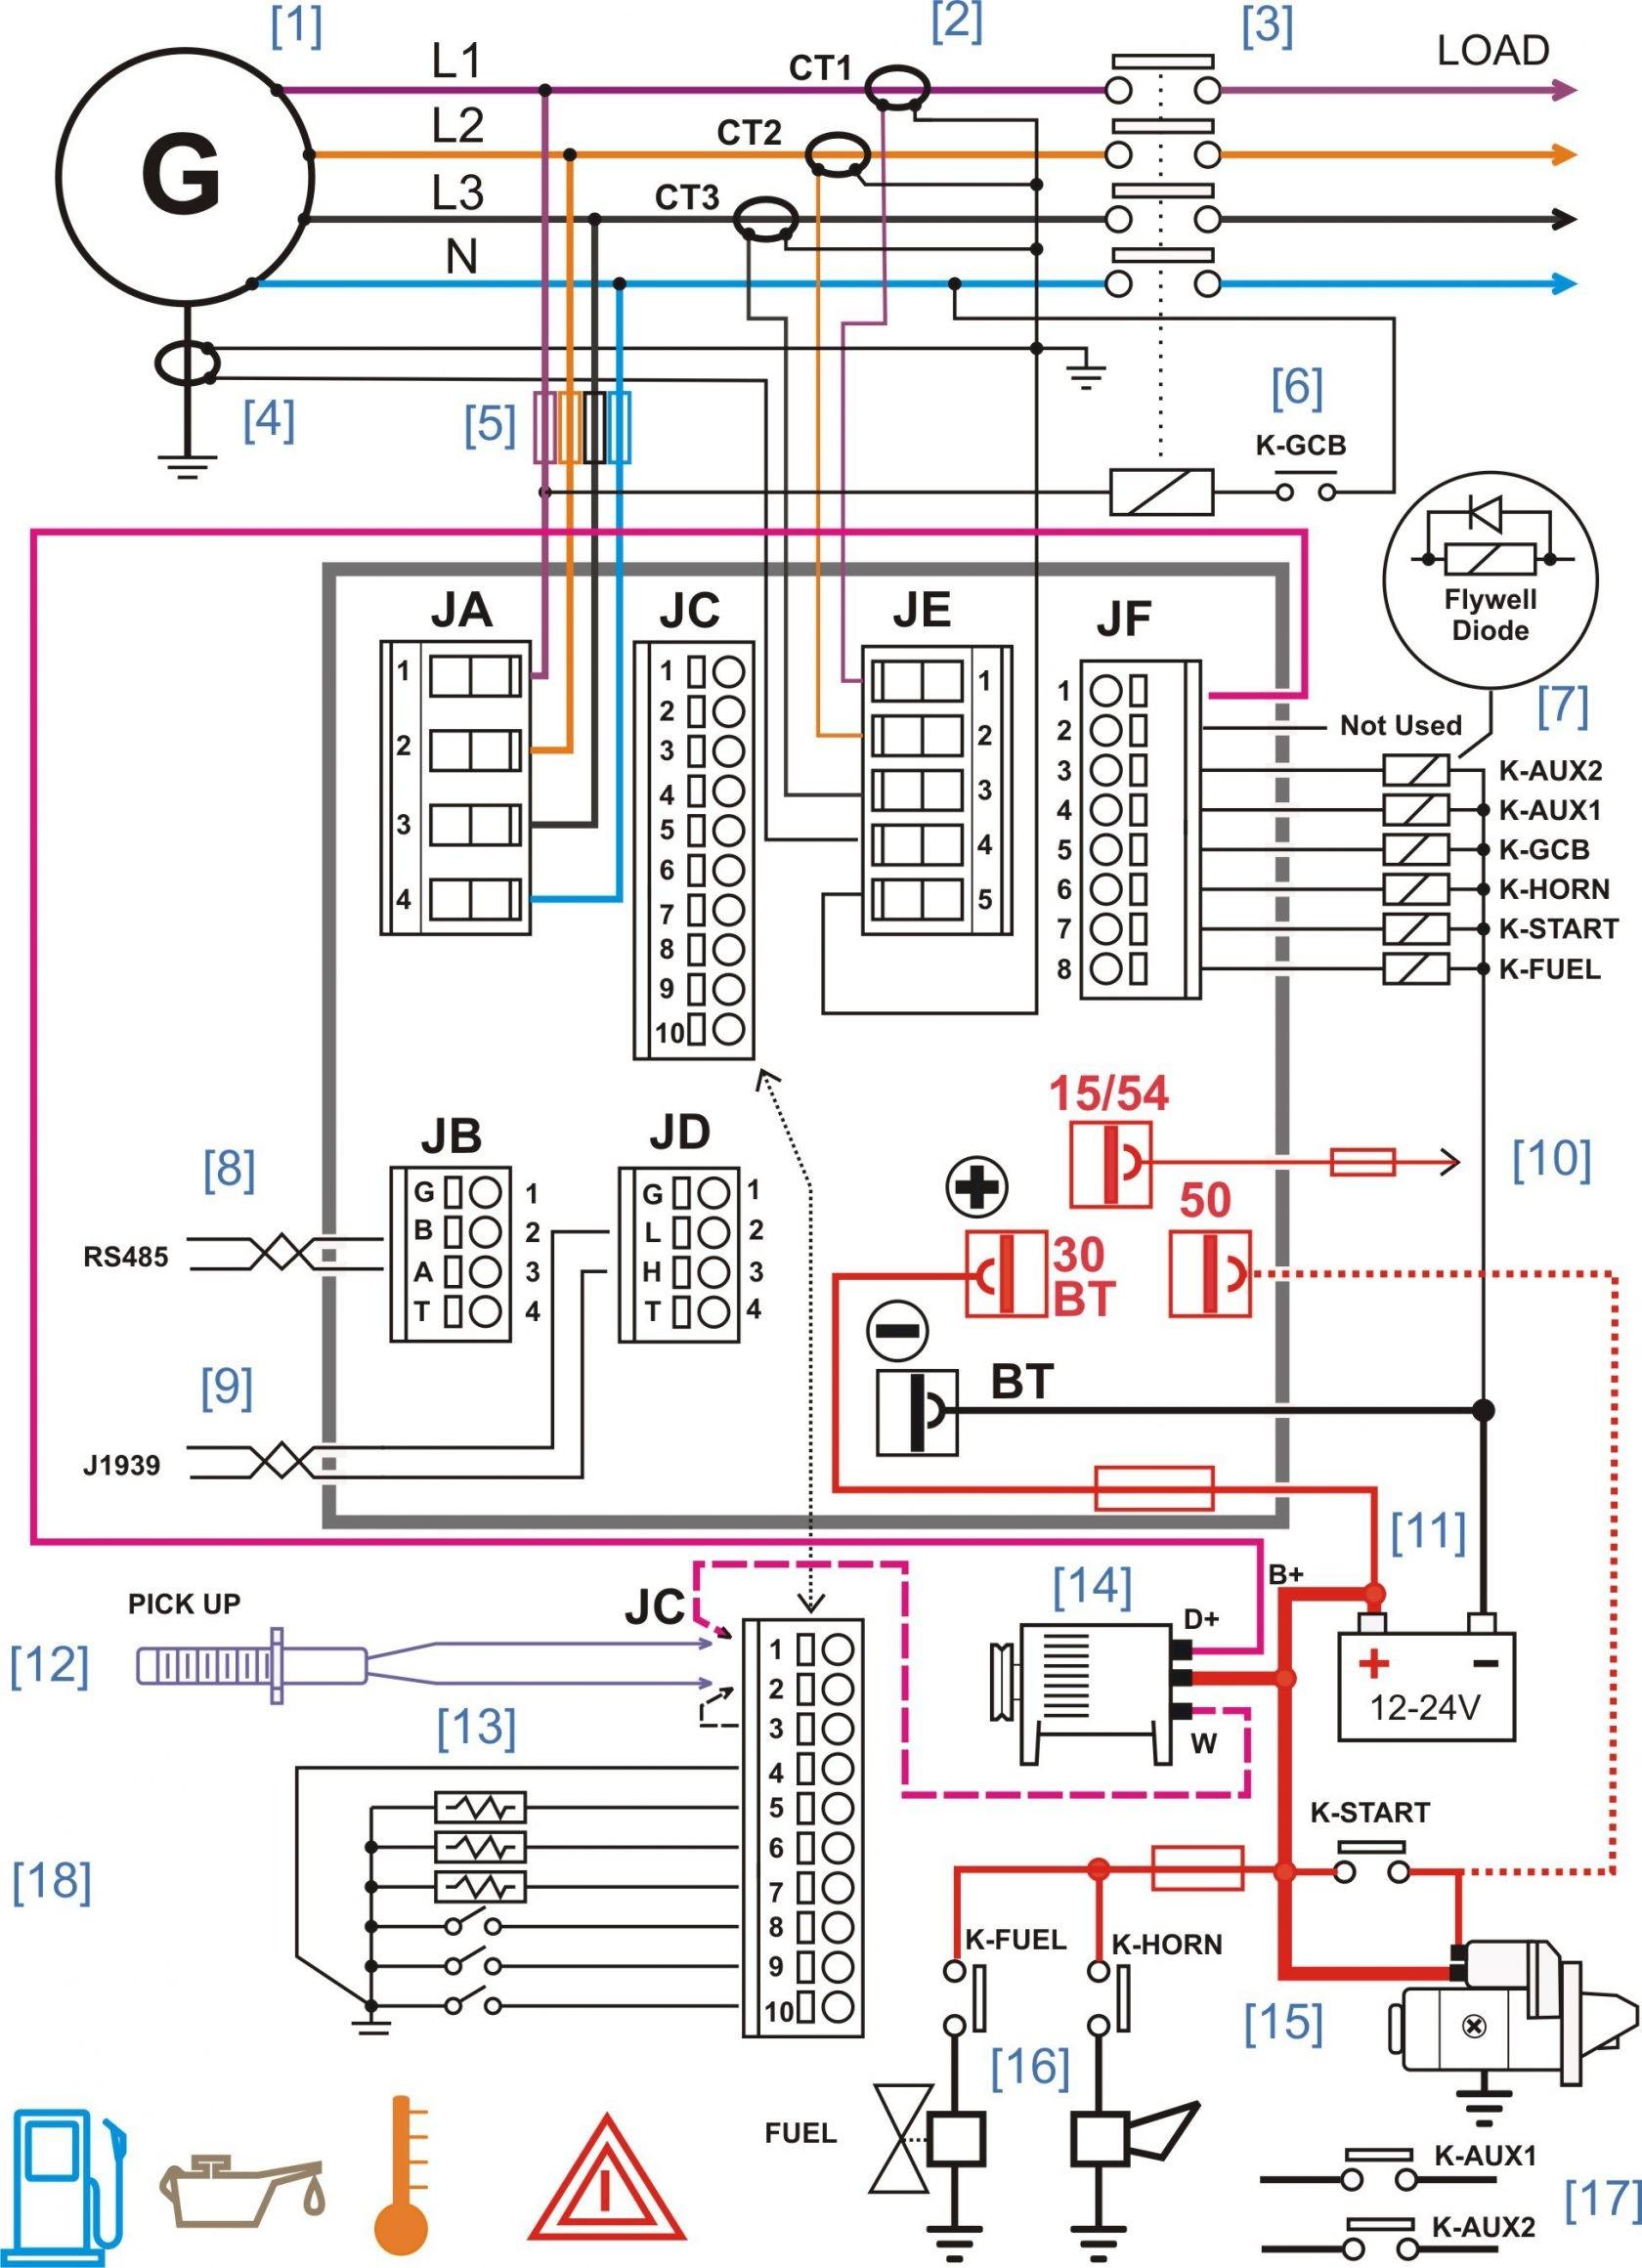 Unique Delphi Concert Class Radio Wiring Diagram Delphi Radio Wiring Diagram Delphi Radio Wiring